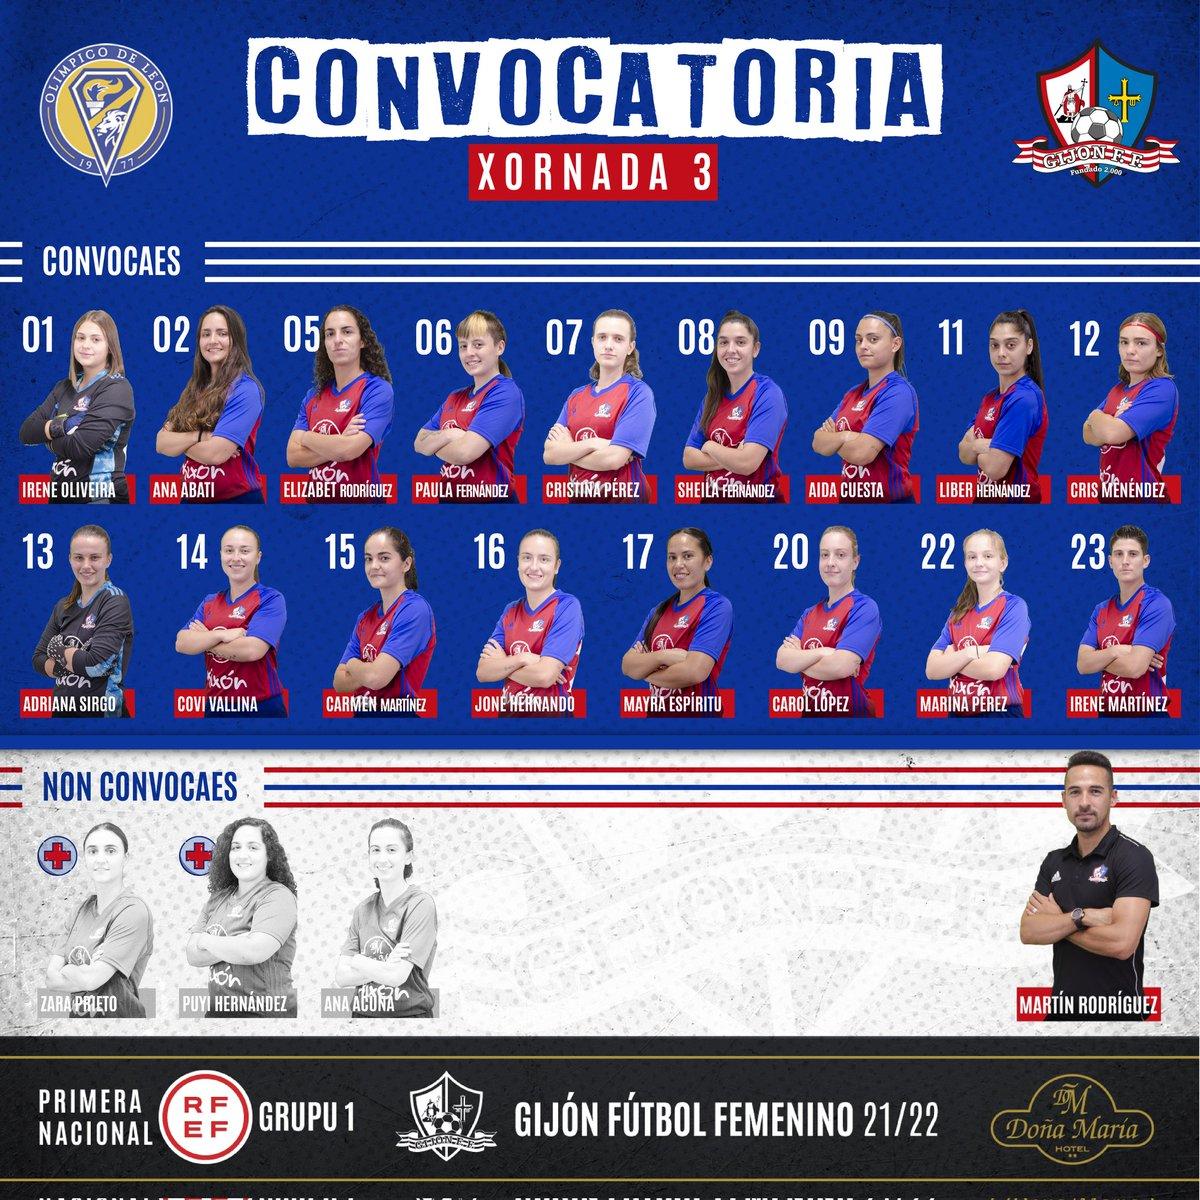 Gijón Fútbol Femenino